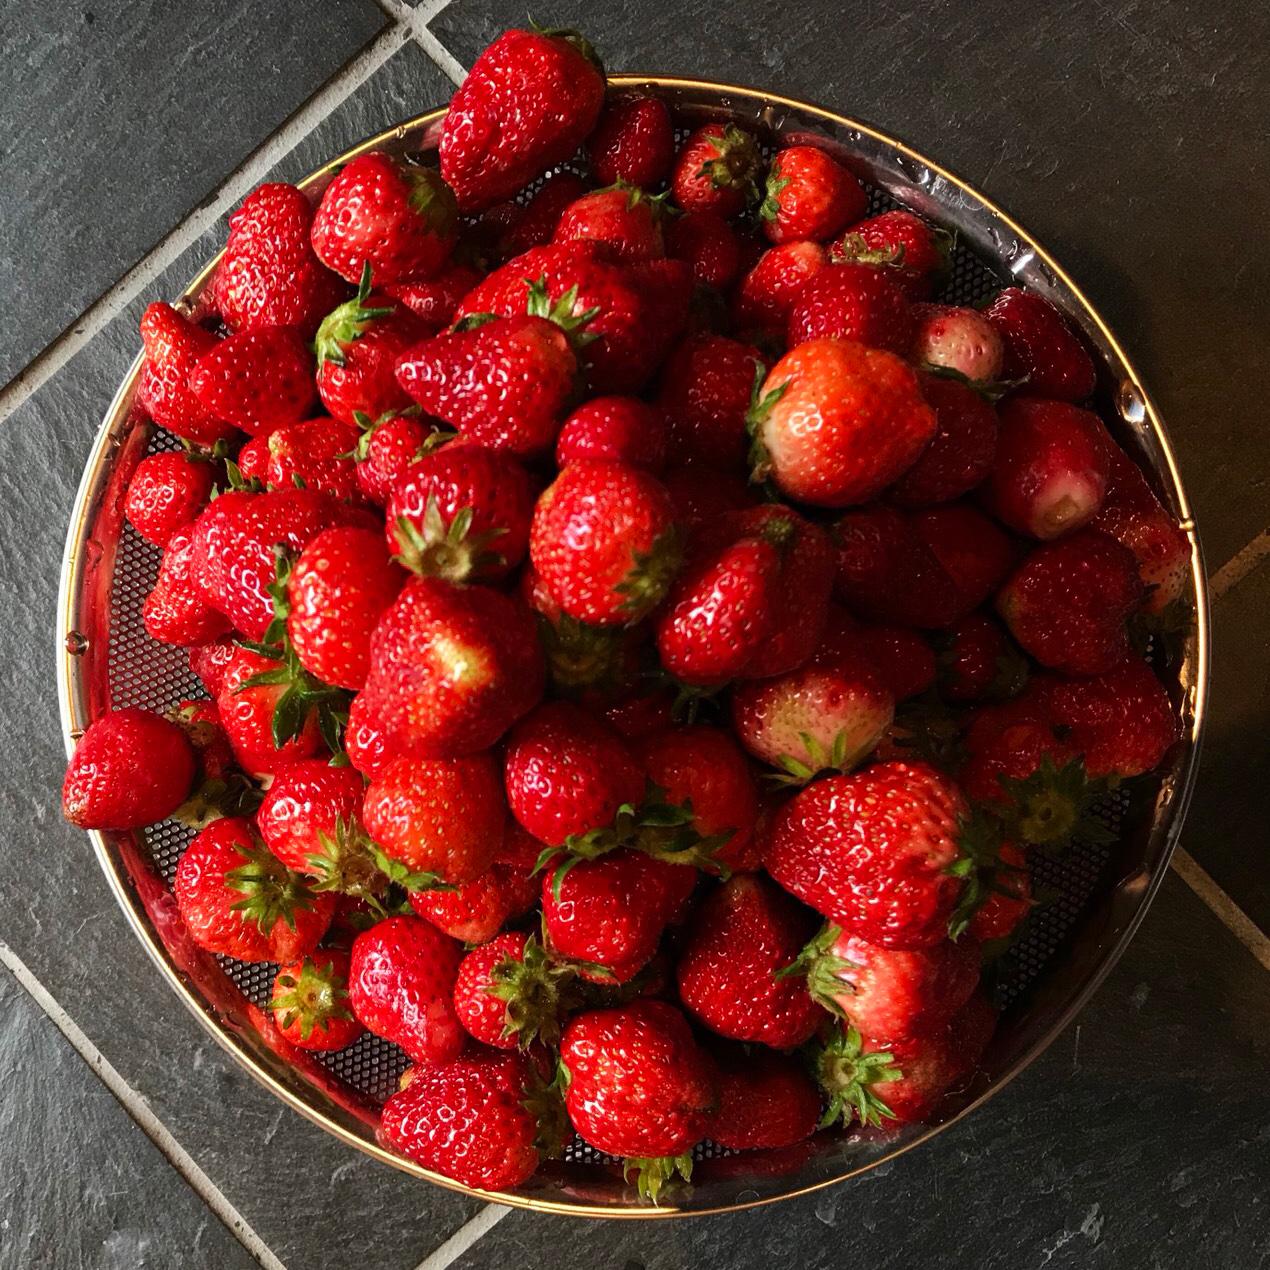 だいしん農園の無農薬イチゴ